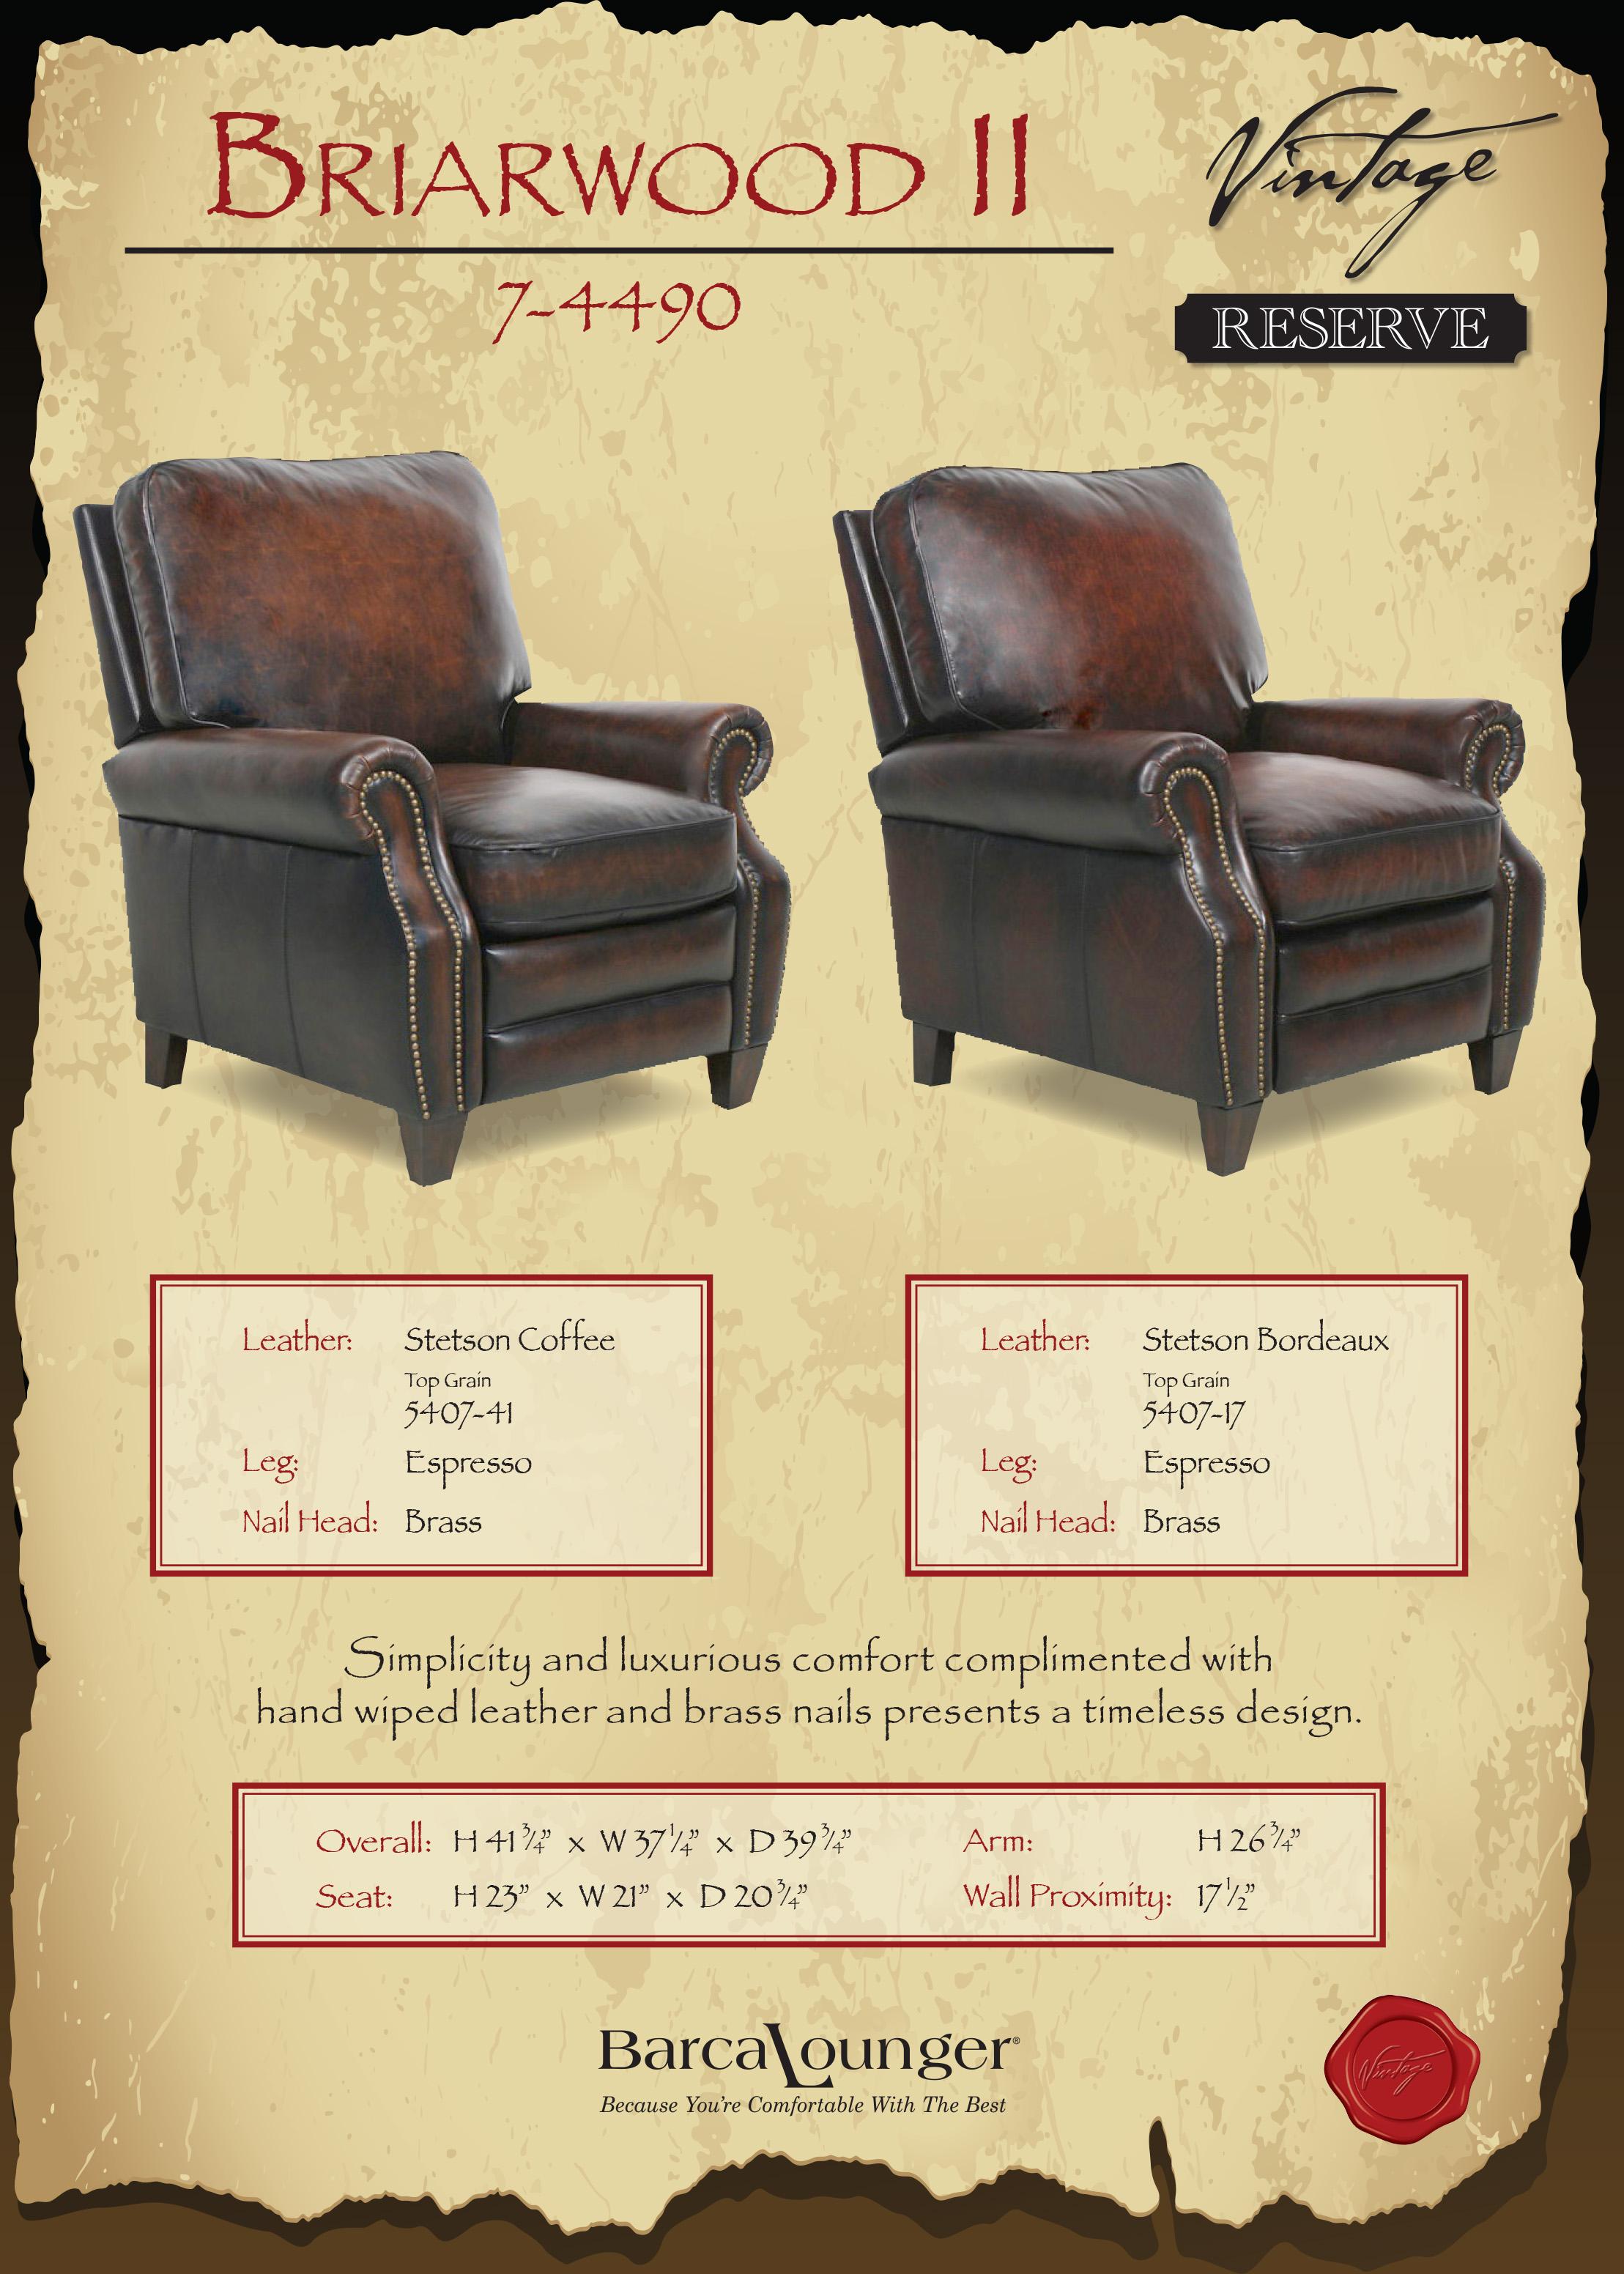 Barcalounger Briarwood II Recliner Chair Dimensions & Barcalounger Briarwood II Recliner Chair - Leather Recliner Chair ... islam-shia.org